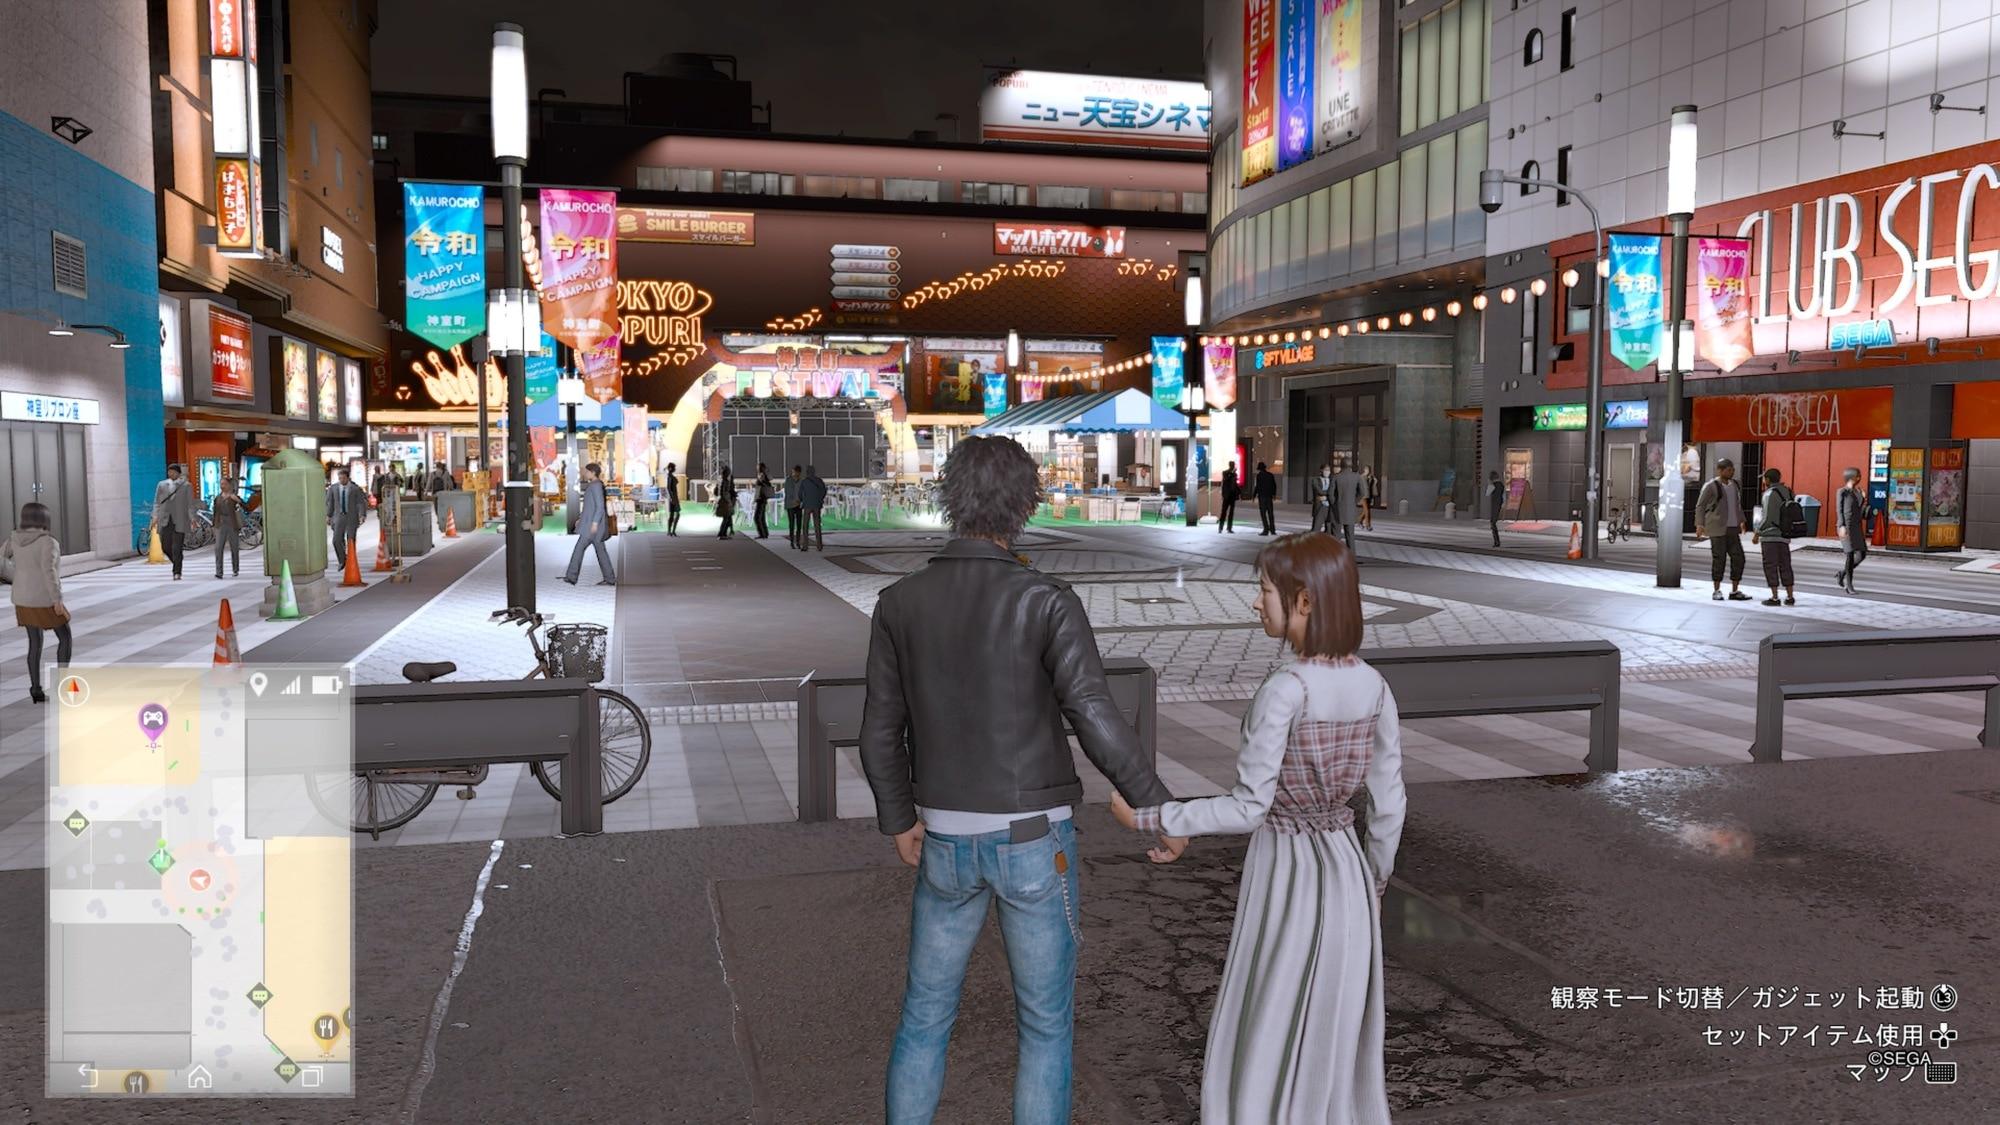 劇場前広場